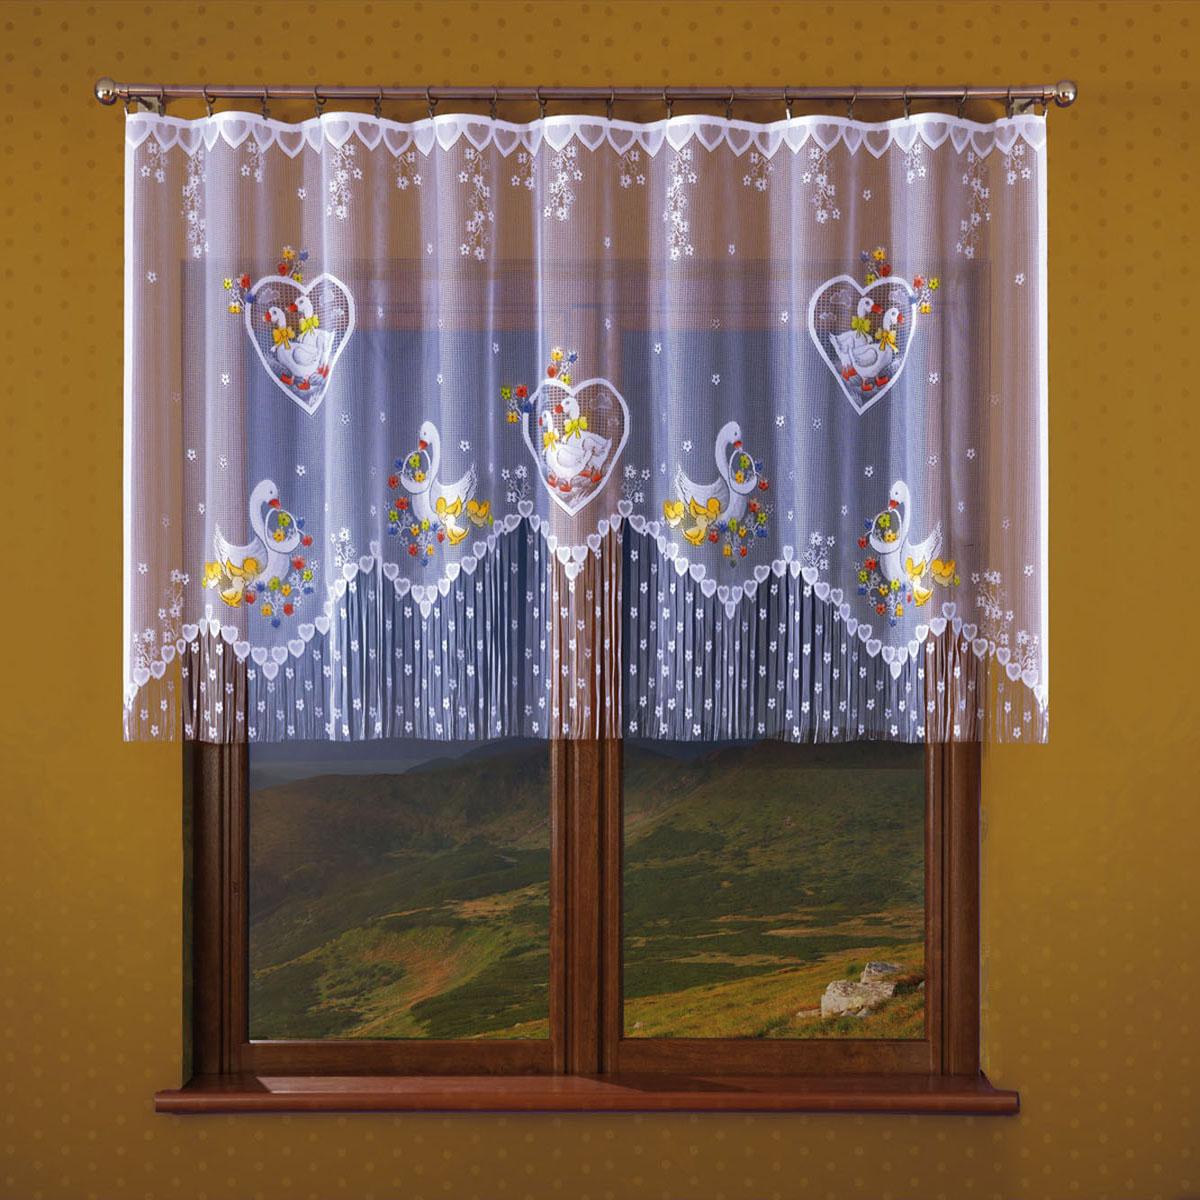 Гардина Wisan, цвет: белый, ширина 250 см, высота 120 см. 179Е179Евид крепления - под зажимы для шторРазмеры: ширина 250*высота 120